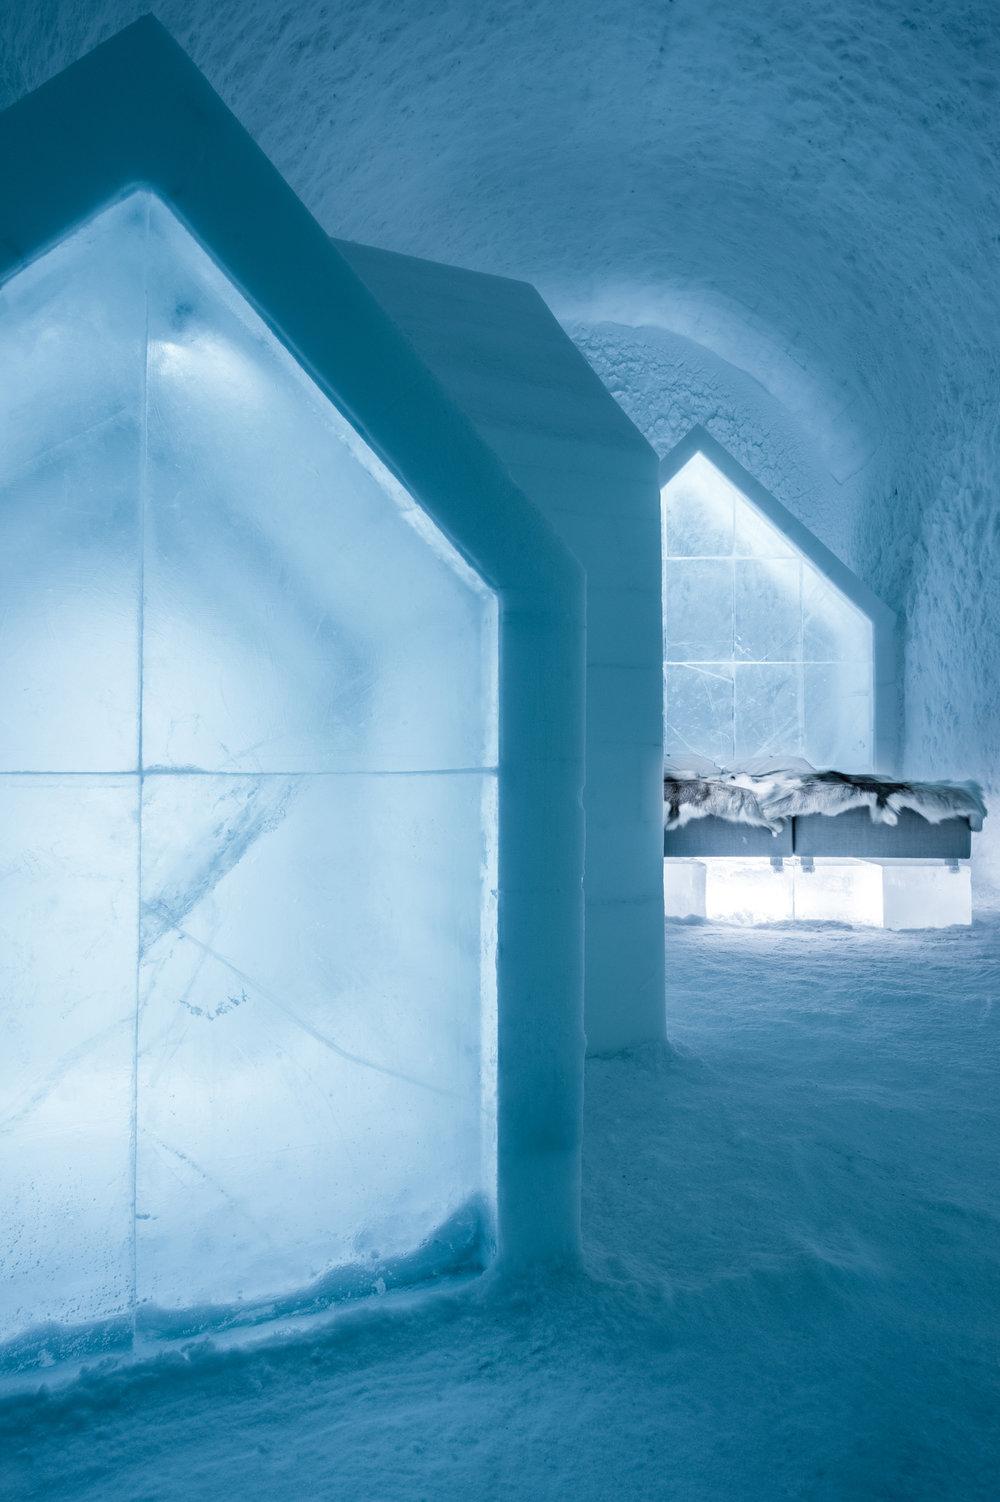 Blue Houses, ICEHOTEL 365. Photo: Asaf Kliger